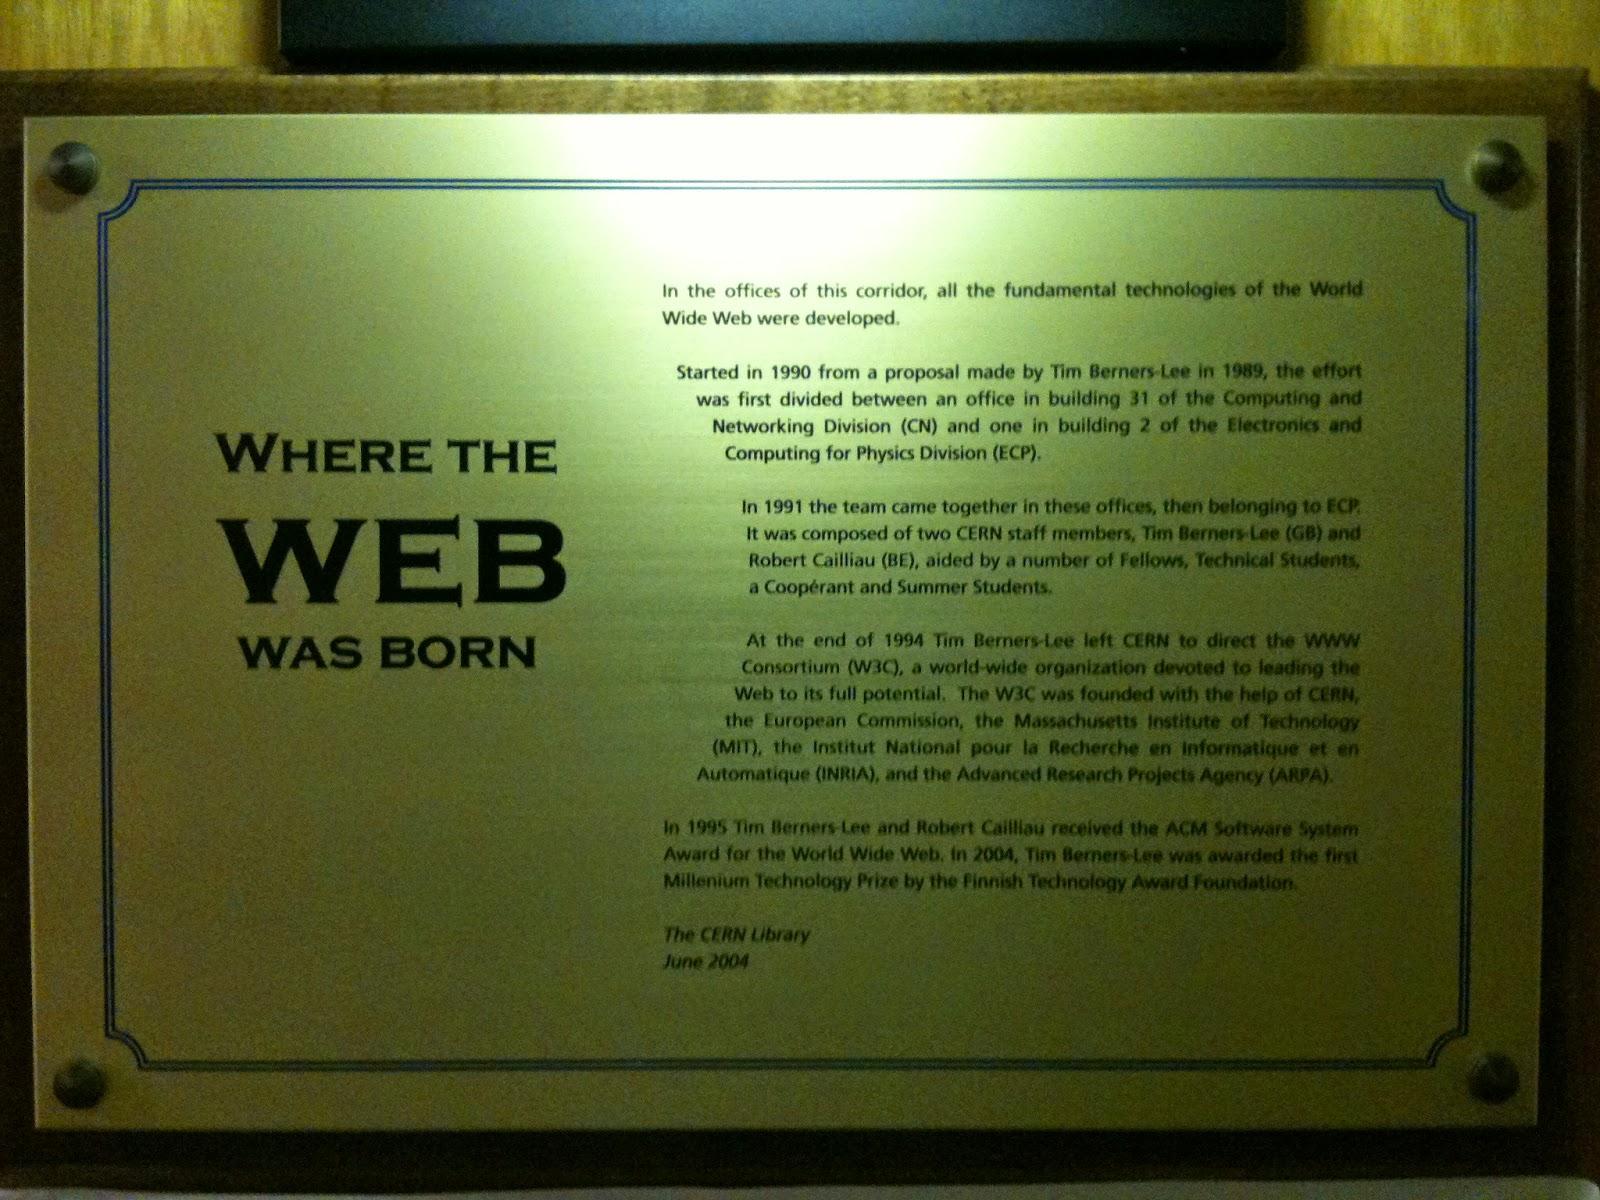 で始まっていると思いますが、そのWWWについてです。全世界で当然のように使われているWorld Wide Web (WWW) はCERNでイギリスの科学者Tim  Berners,Leeによって1989年